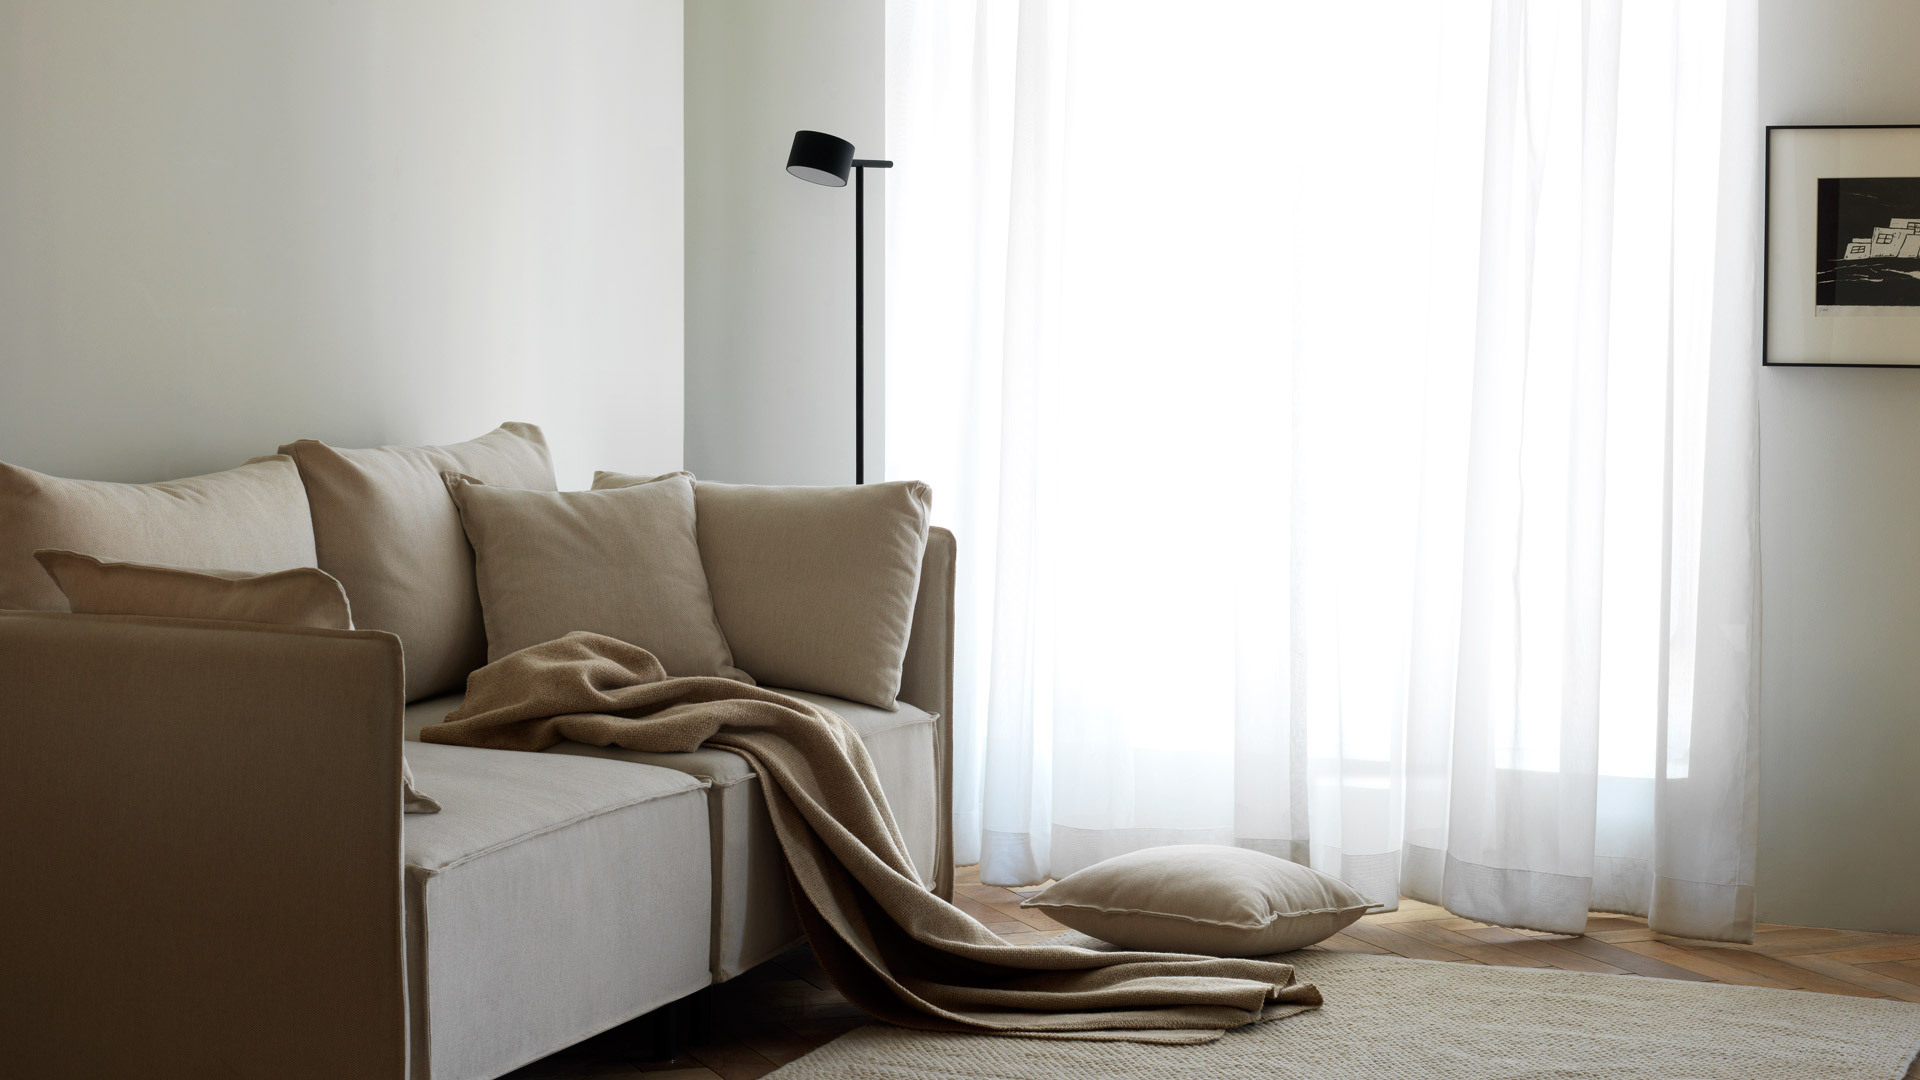 客厅小毯,为空间披上阳光的色彩